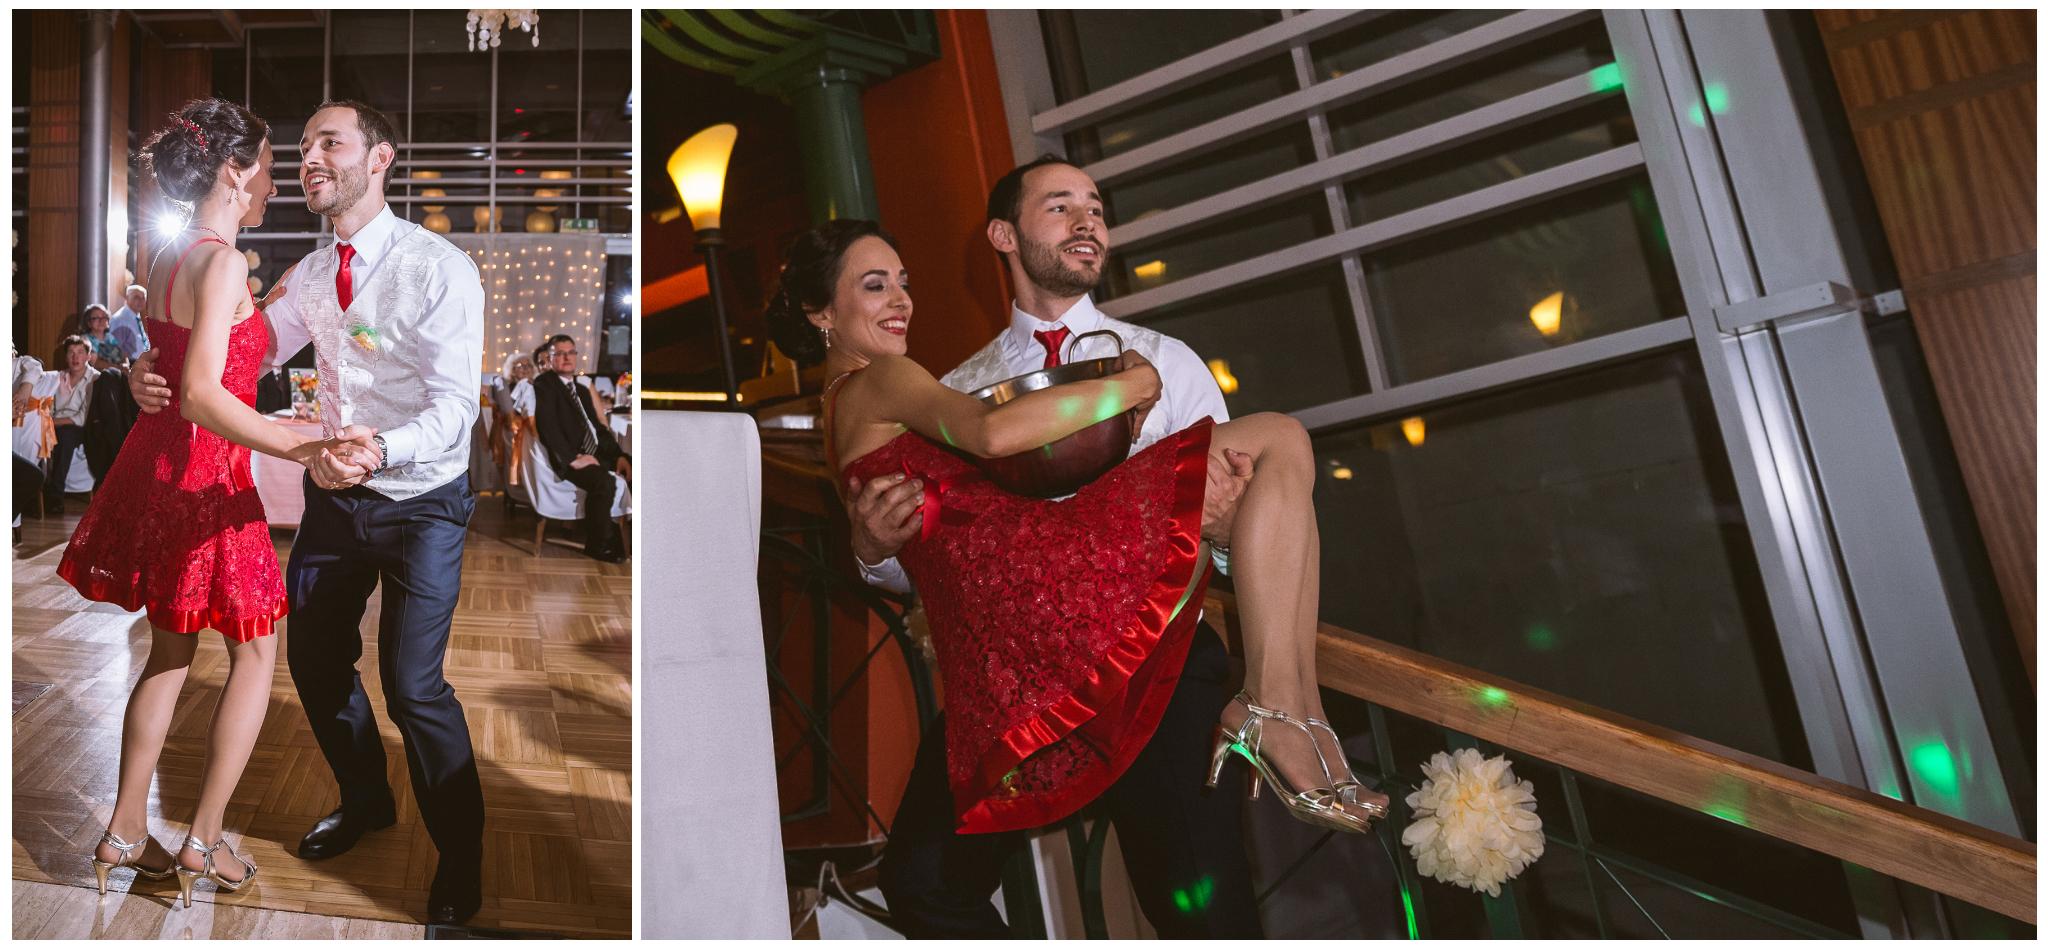 FylepPhoto, esküvőfotós, esküvői fotós Körmend, Szombathely, esküvőfotózás, magyarország, vas megye, prémium, jegyesfotózás, Fülöp Péter, körmend, kreatív, fotográfus_055.jpg